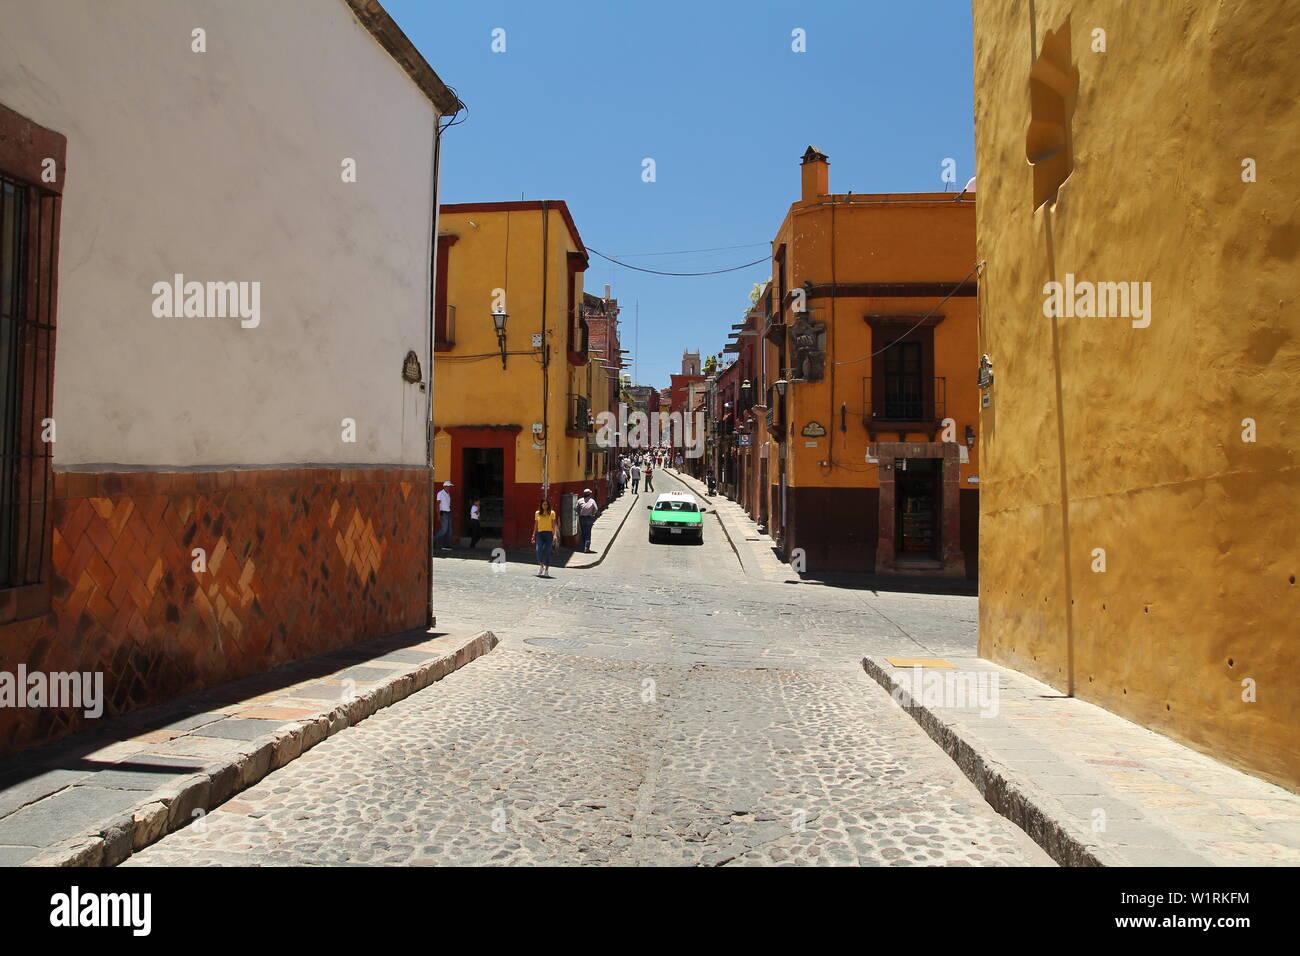 Architettura e fotografie di viaggio da San Miguel De Allende, Guanajuato, Messico. Foto Stock